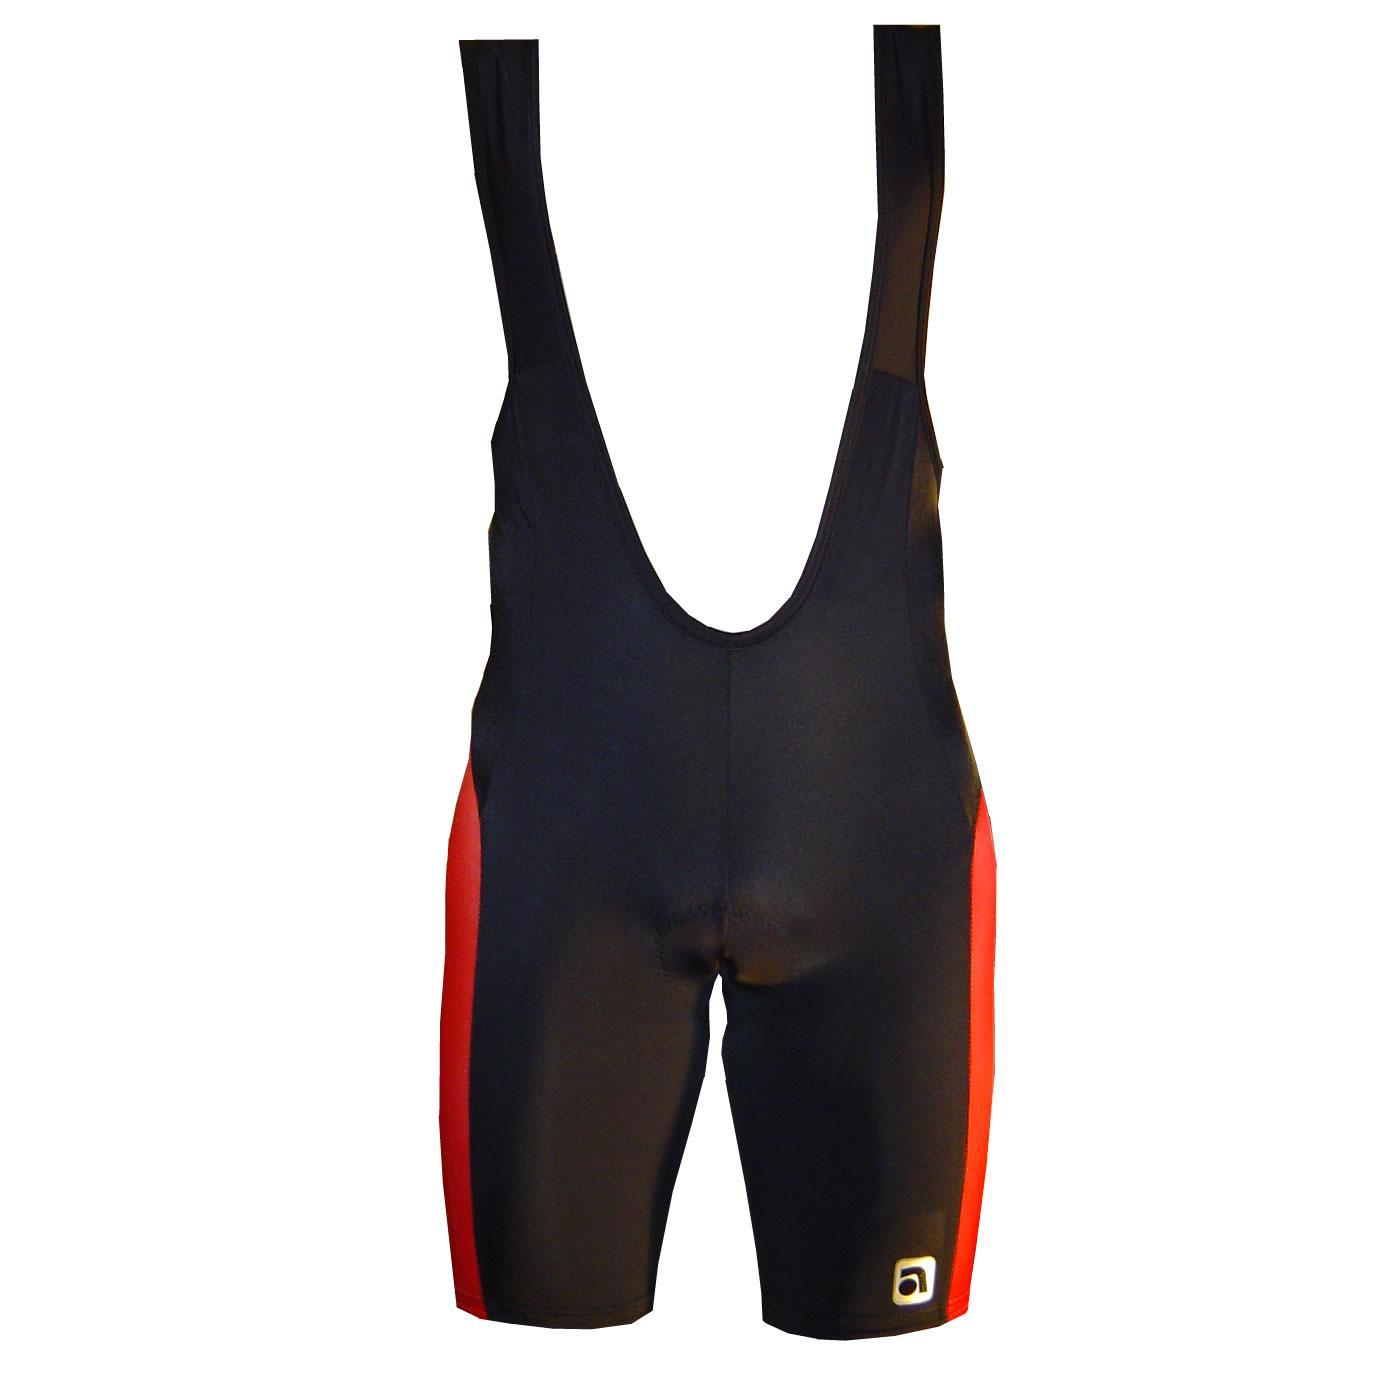 Kalhoty APACHE cyklo T-SPORT - černo-červená - velikost S